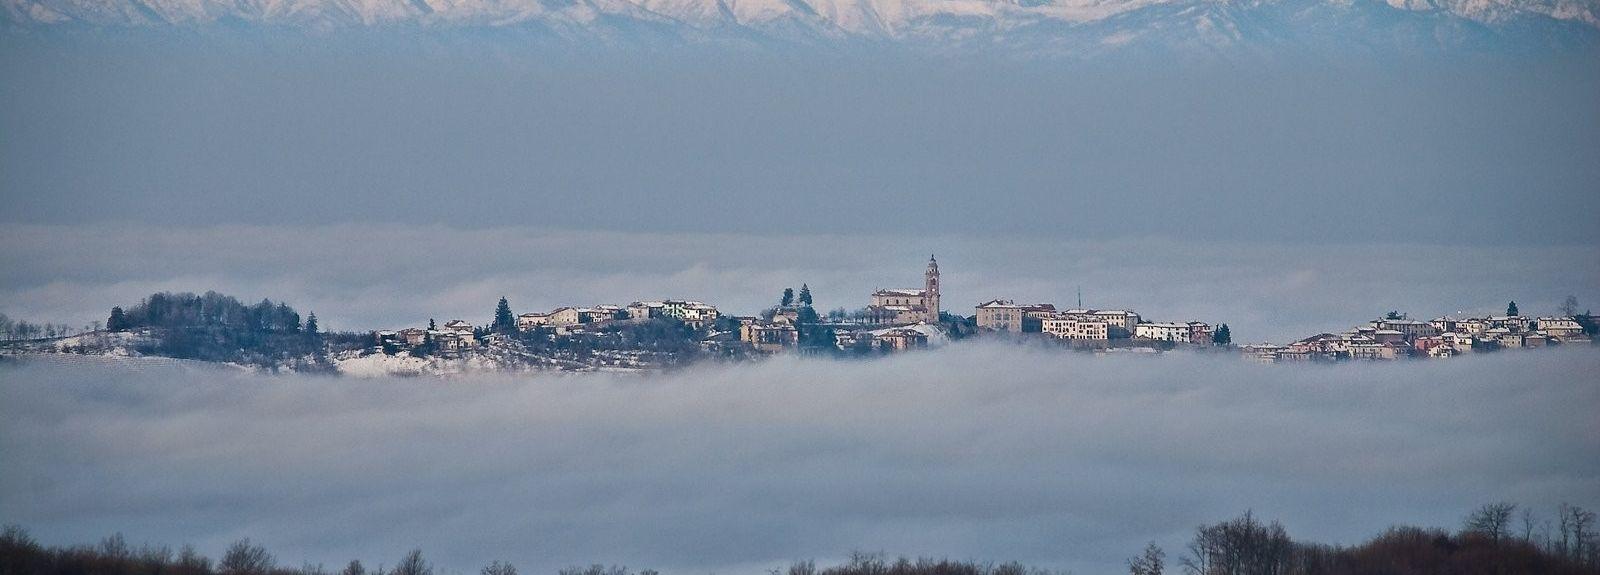 Castiglione Tinella, Cuneo, Piedmont, Italy